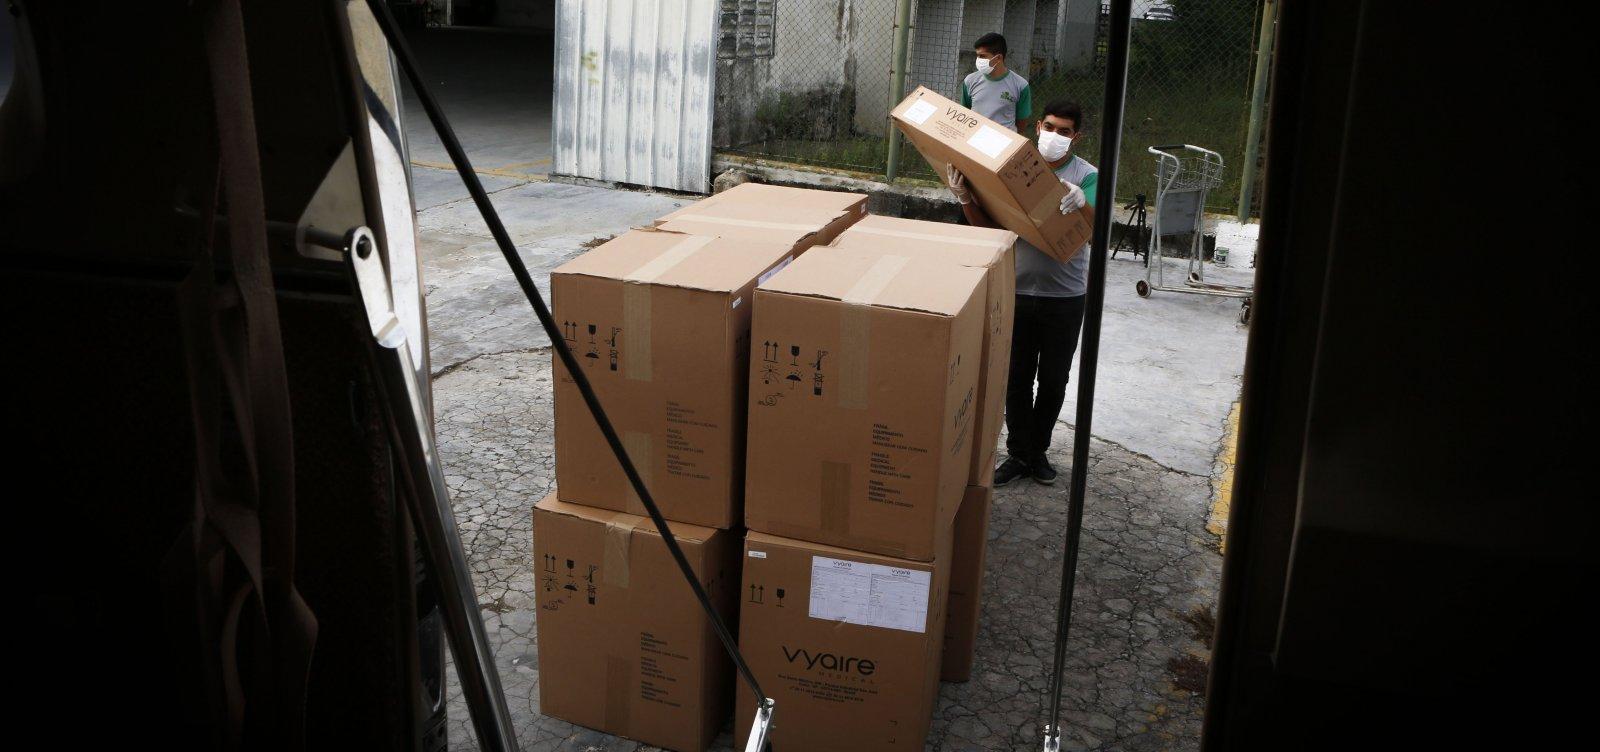 [Após ação da Procuradoria e da Promotoria, Ceará recebe 20 respiradores para enfrentar pandemia]